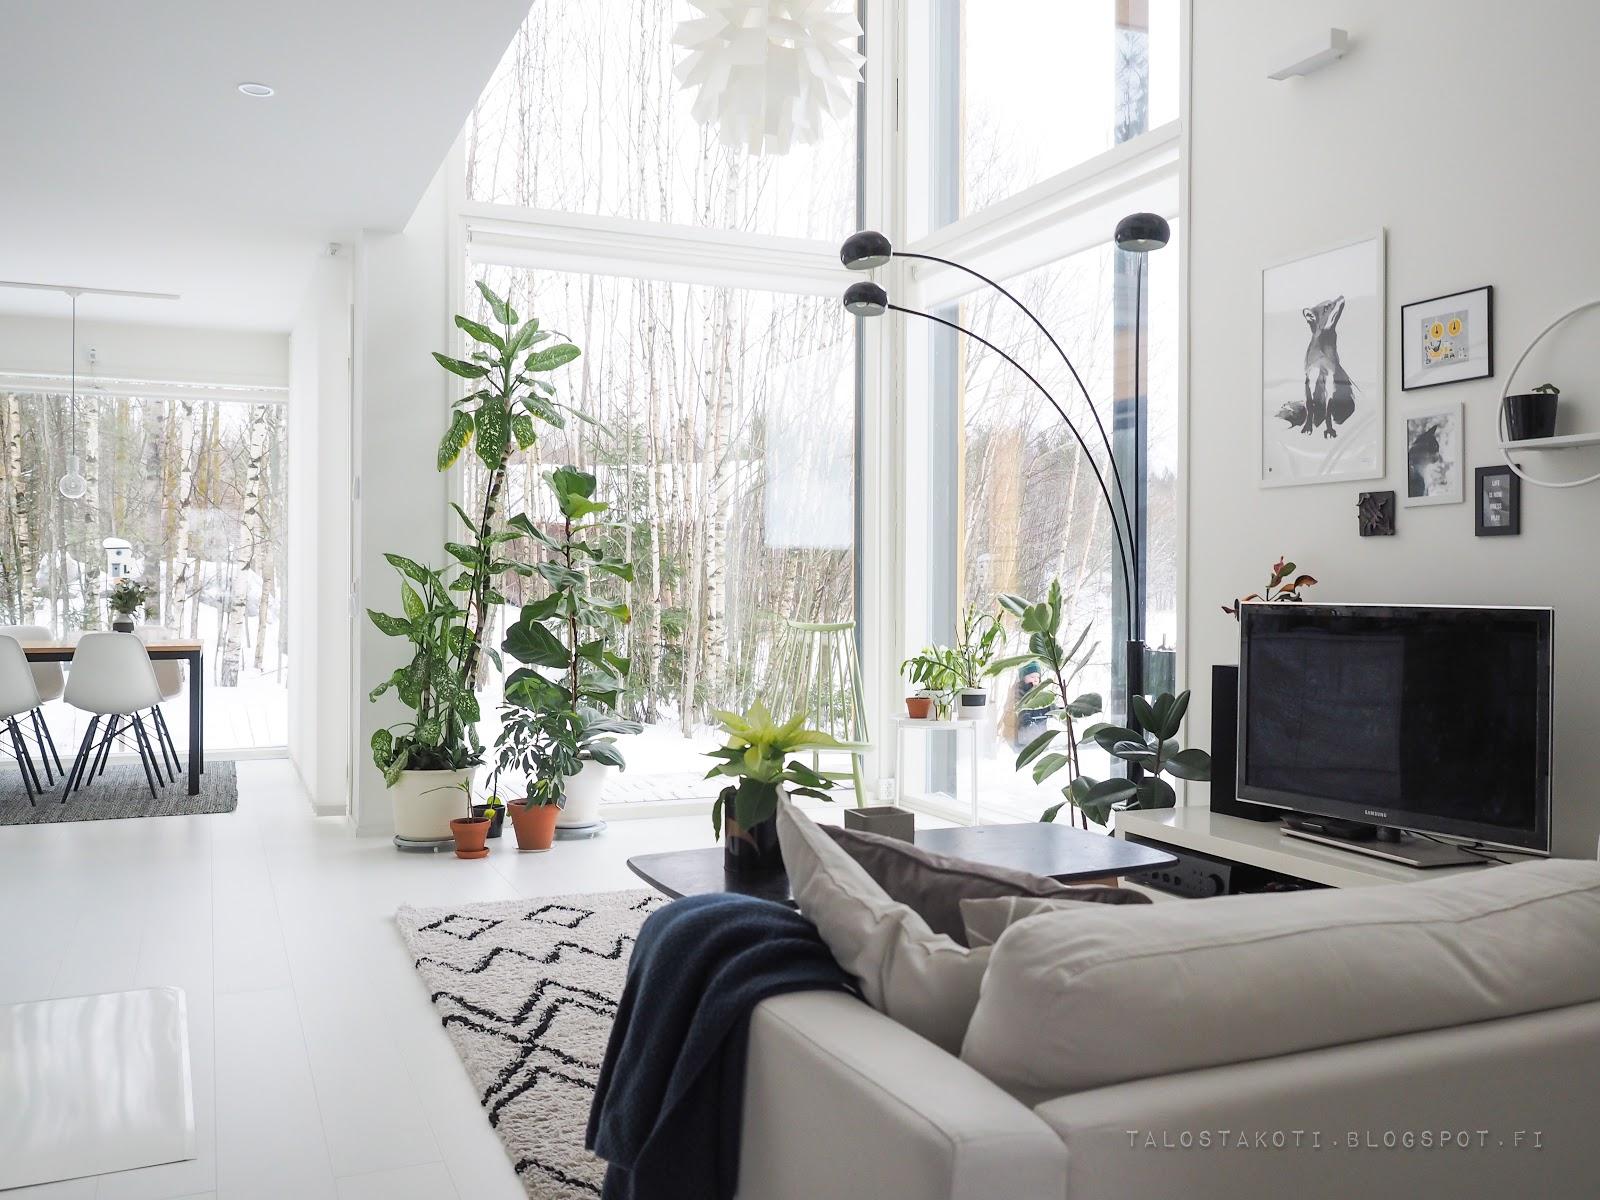 Olohuone, sisustus, valkoinen lattia